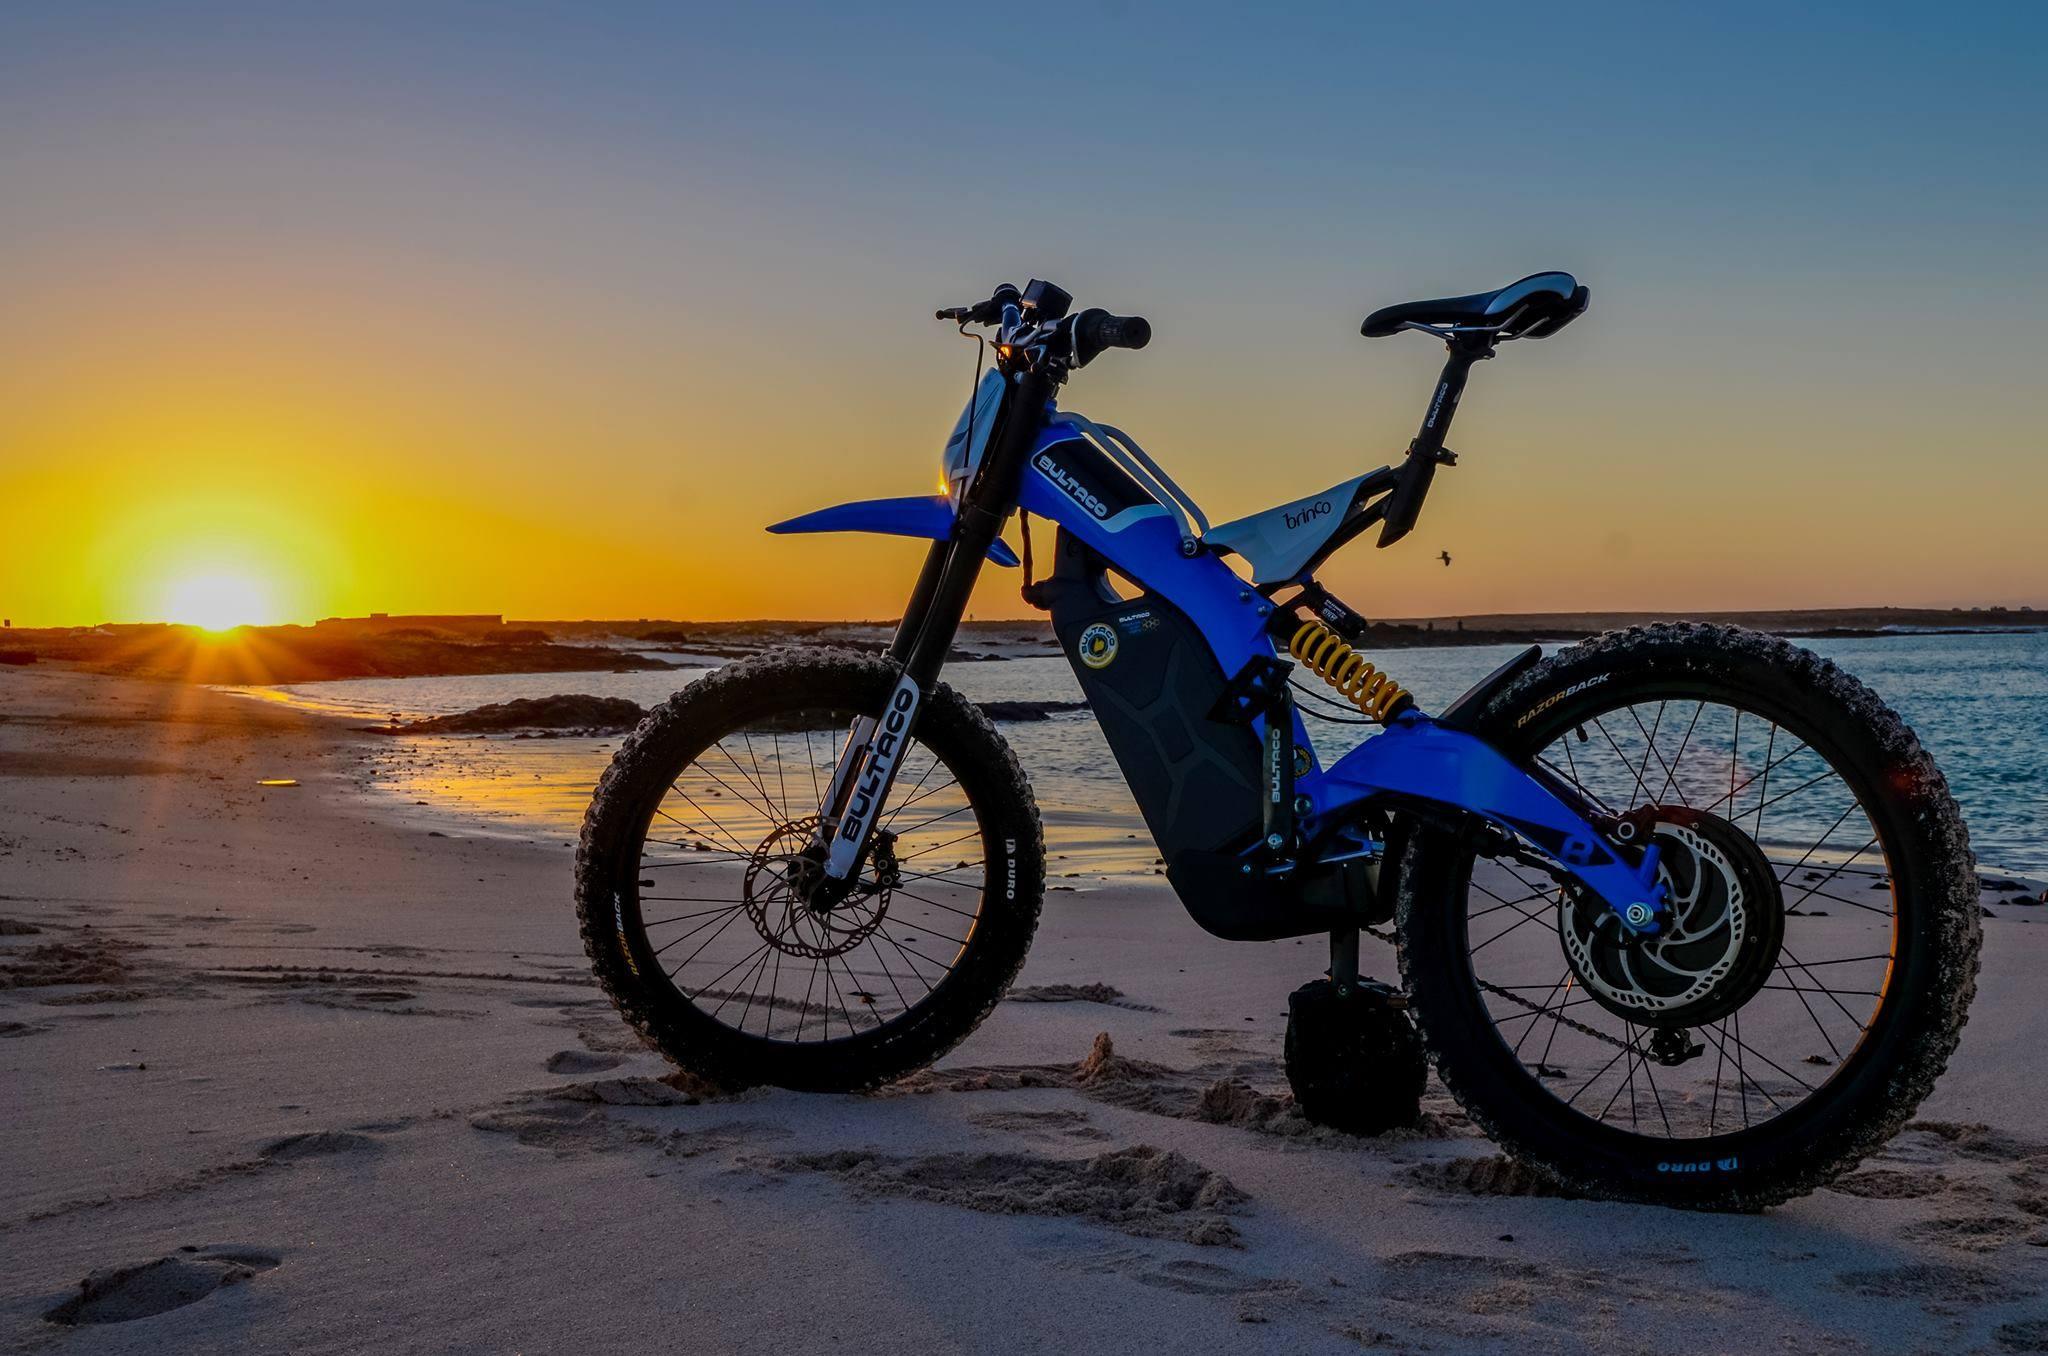 La Bicicleta Eléctrica Mas Cara - Bultaco Brinco R 2017